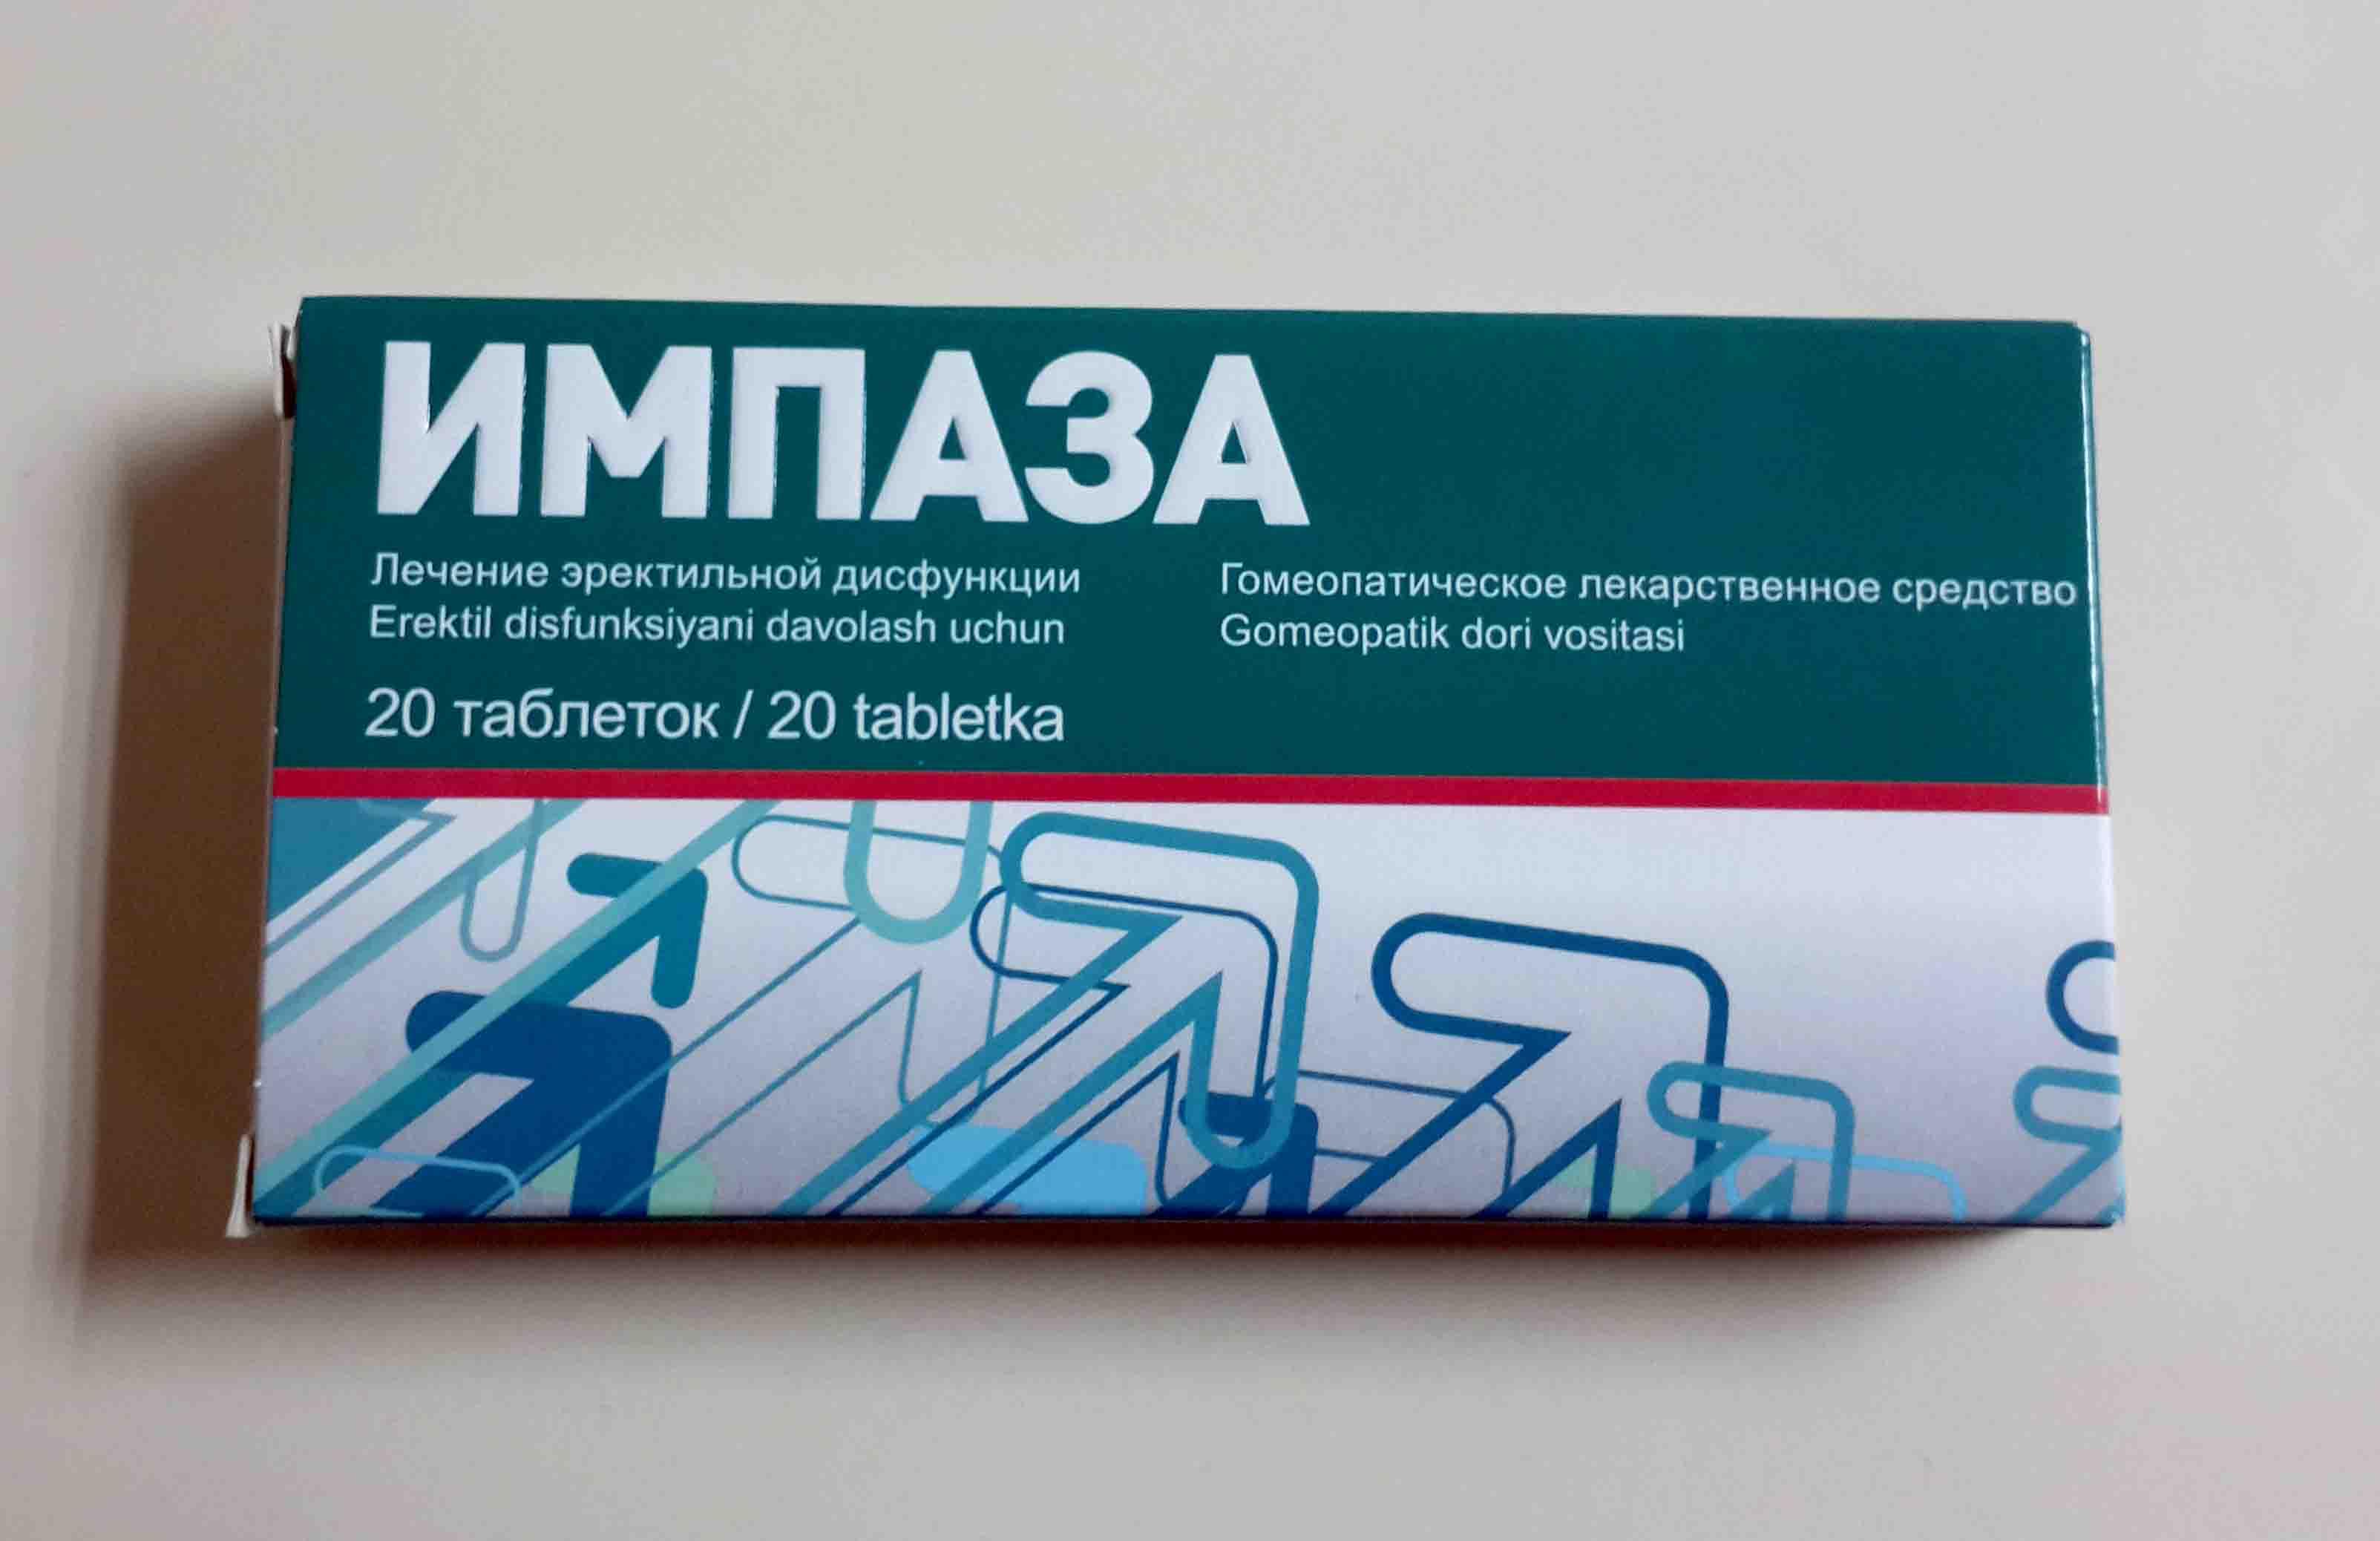 Импаза - решение проблем с эректильной дисфункцией